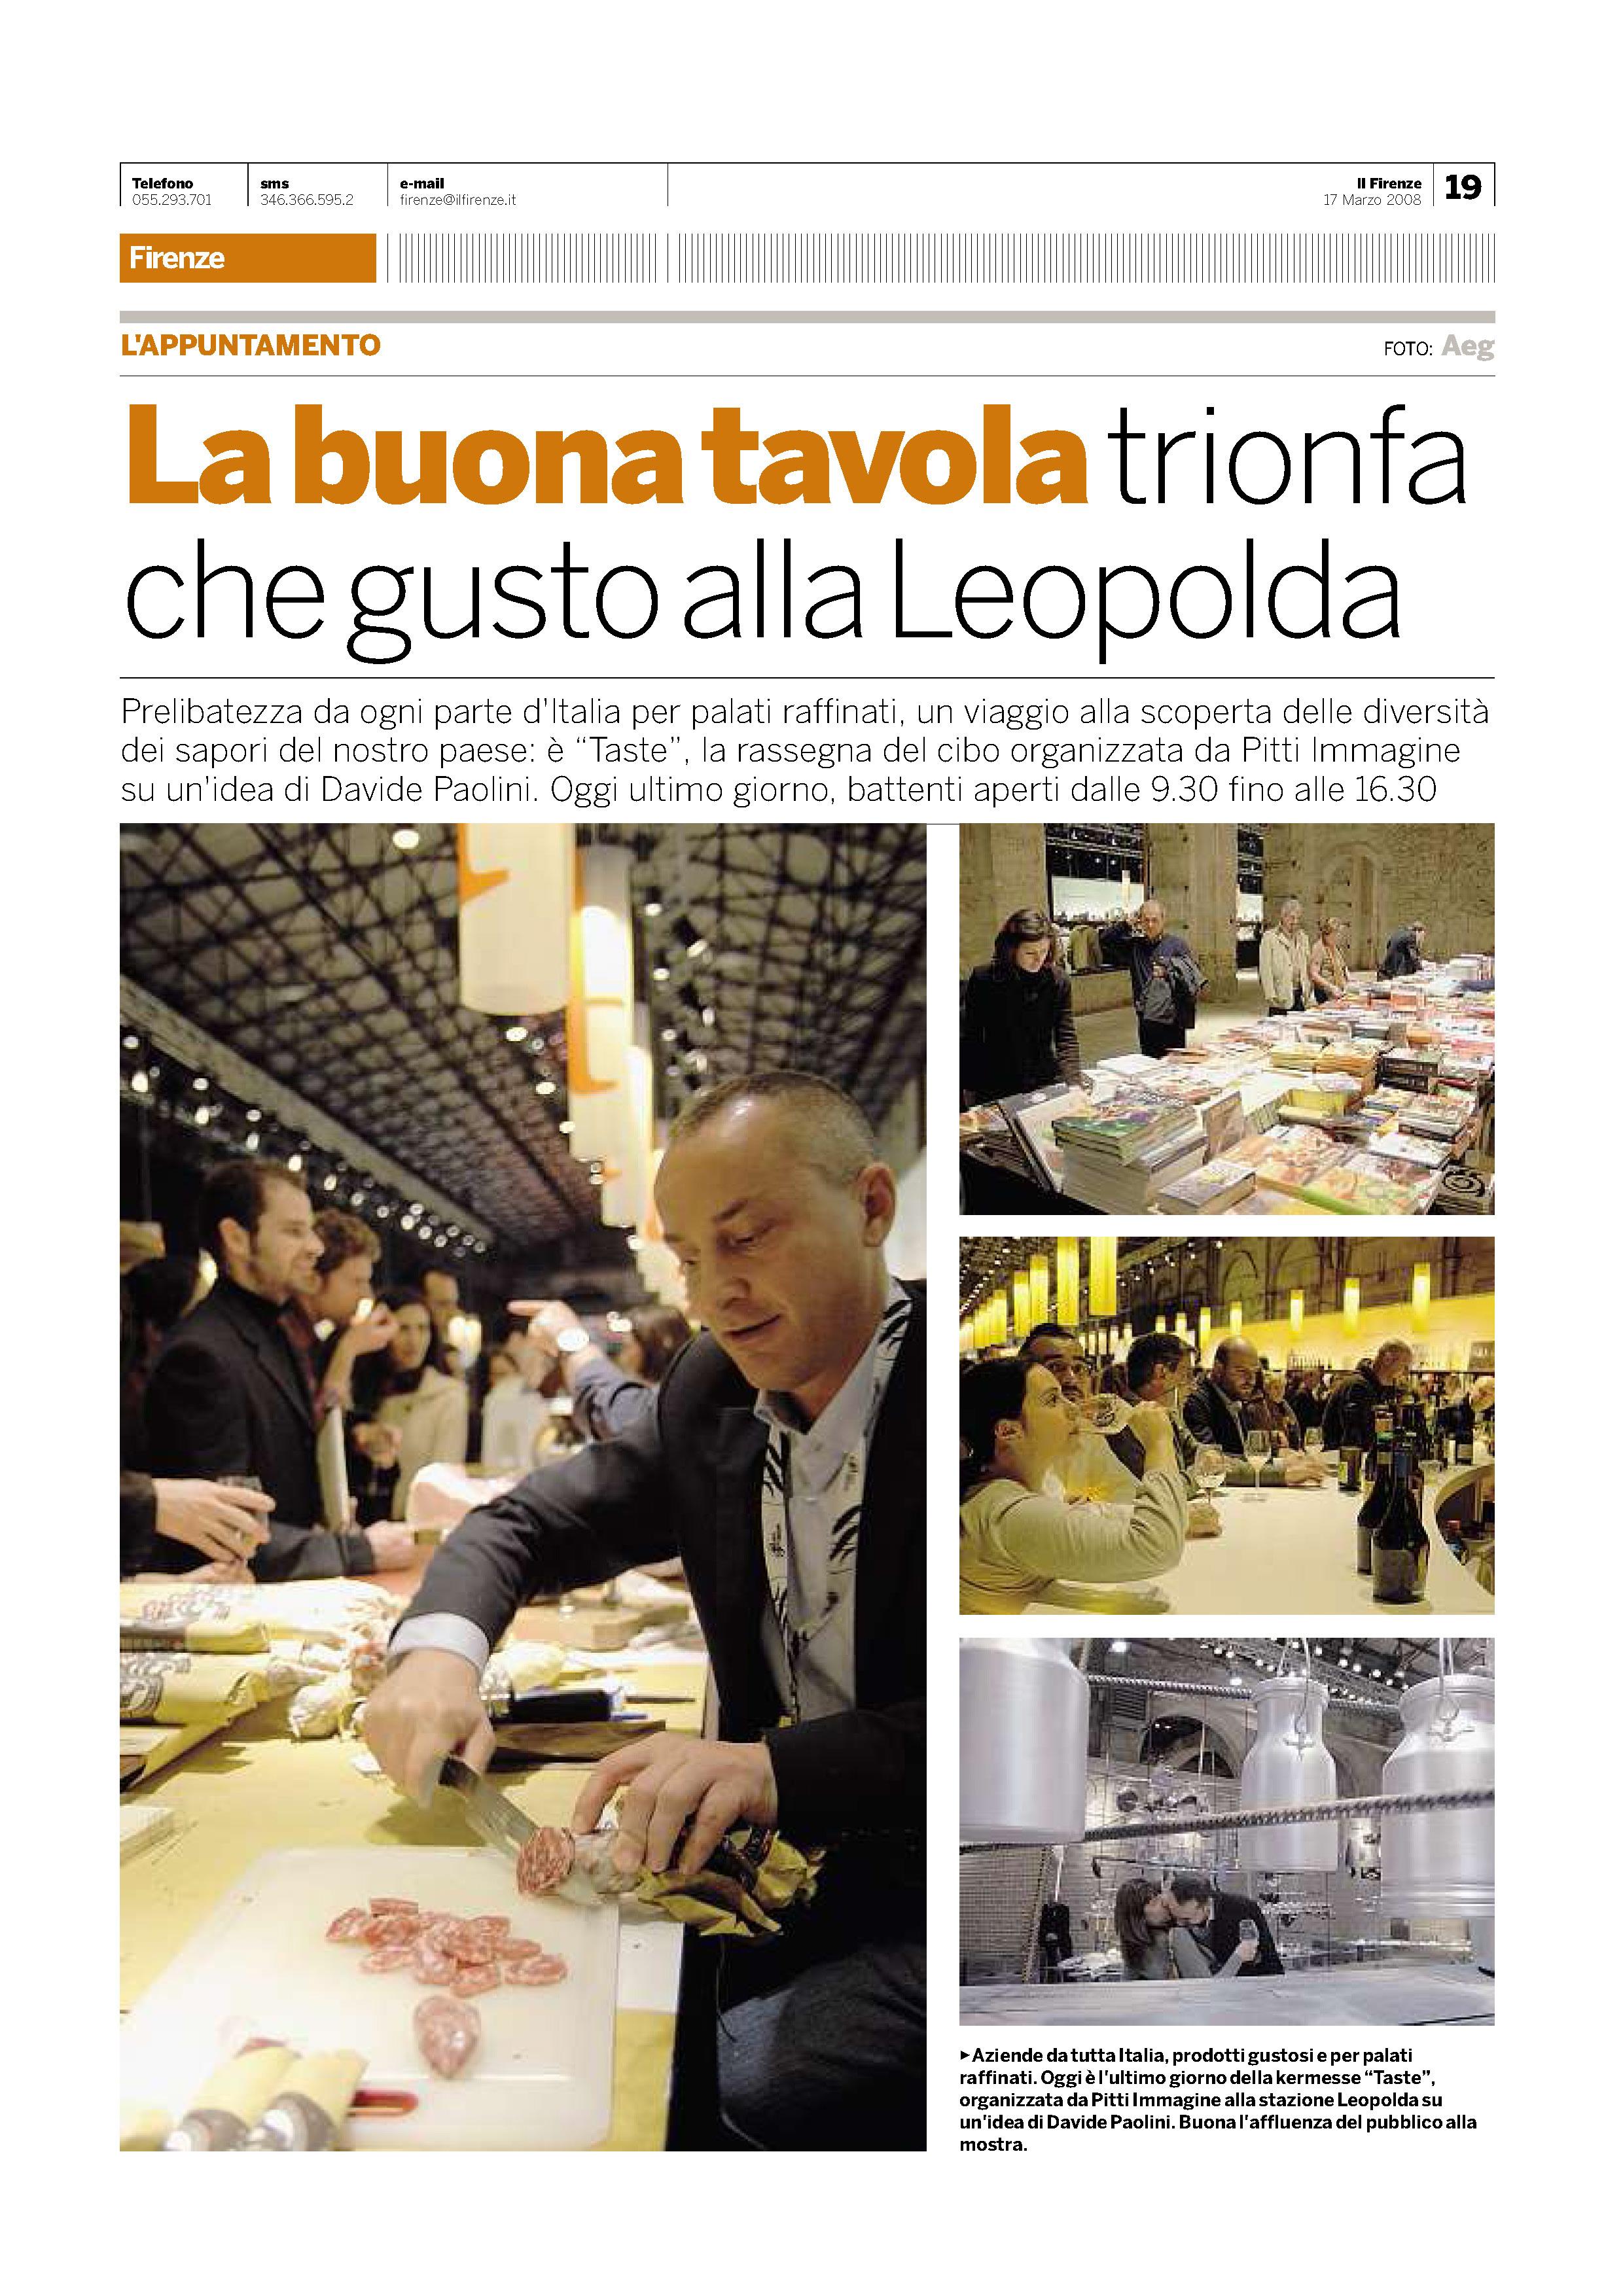 Il Firenze del 17 Marzo 2008